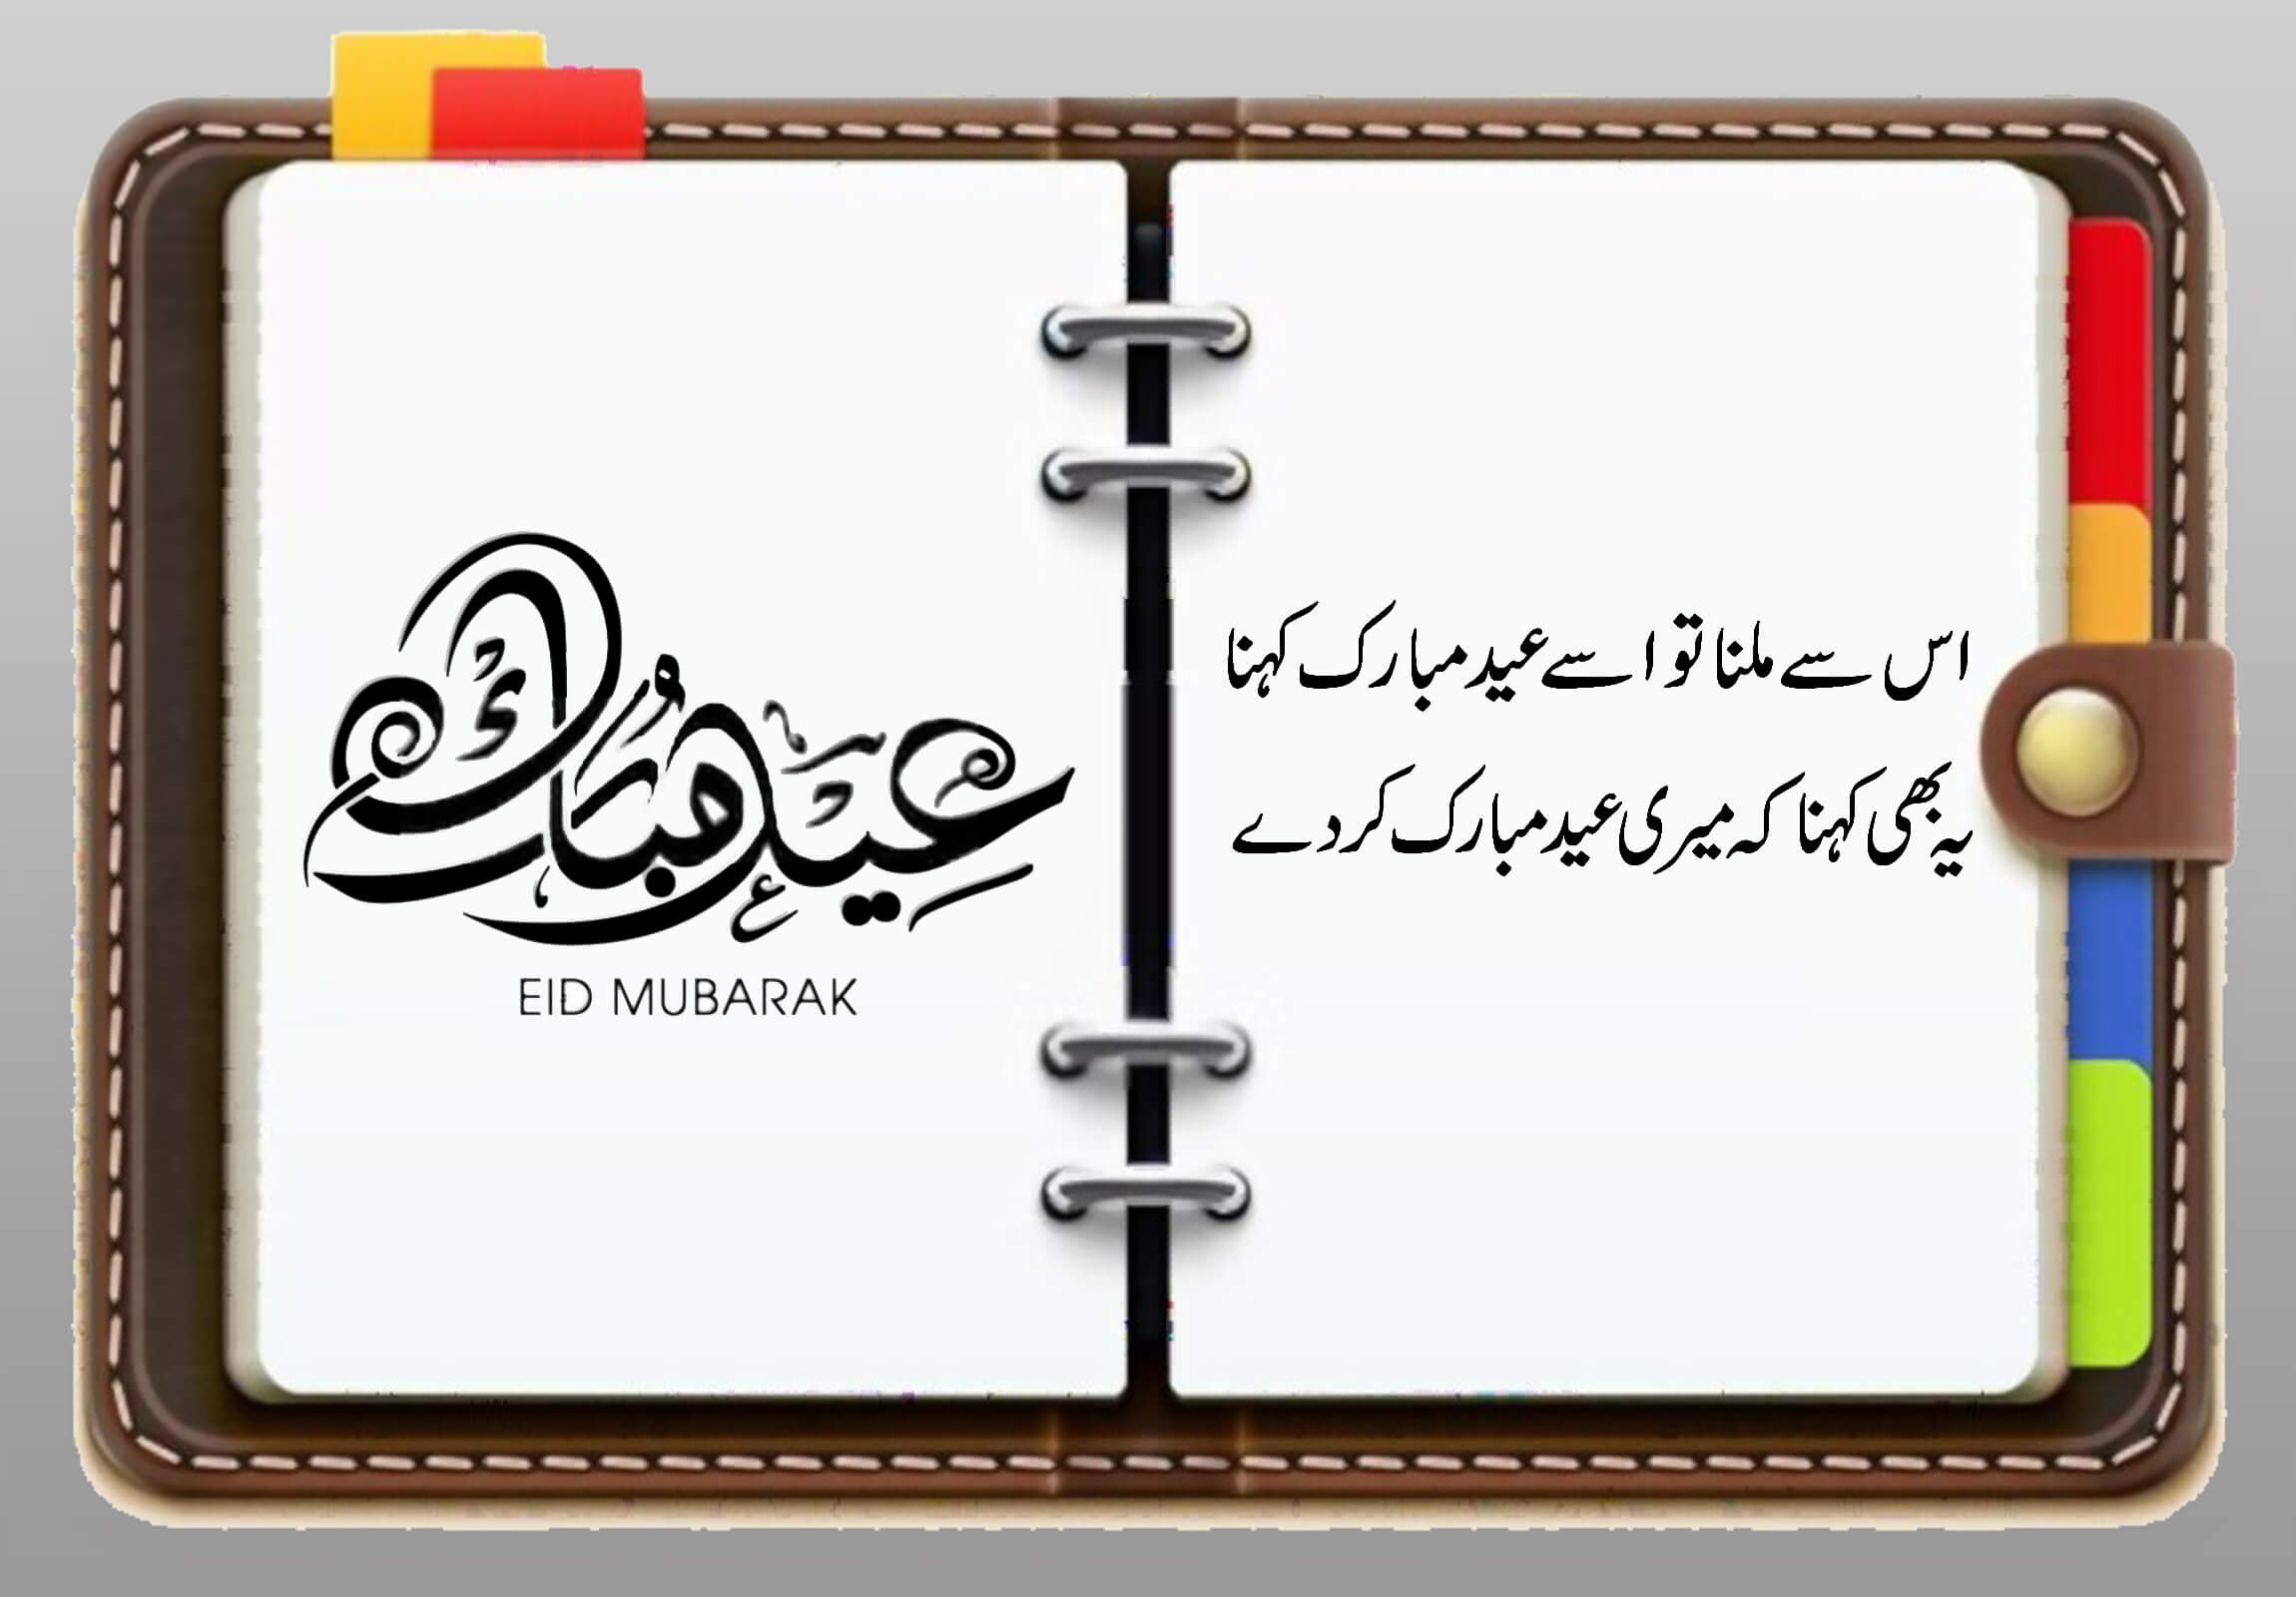 Eid al Adha poetry in urdu on Leather personal organizer image